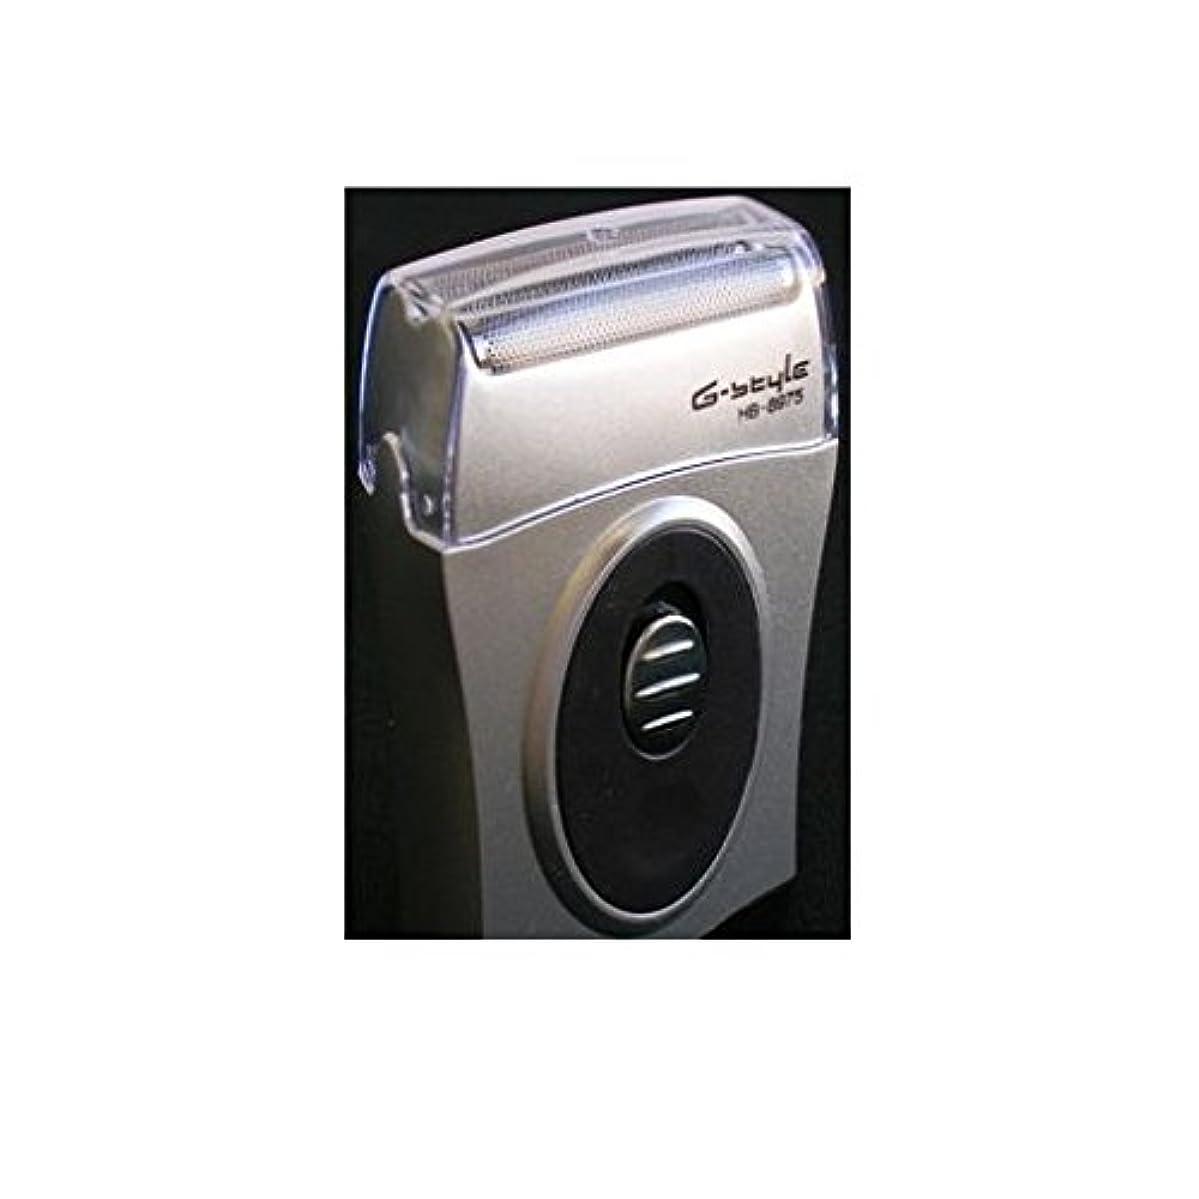 混雑絶望検出BV57088 水洗いポケットシェーバー HB-8975